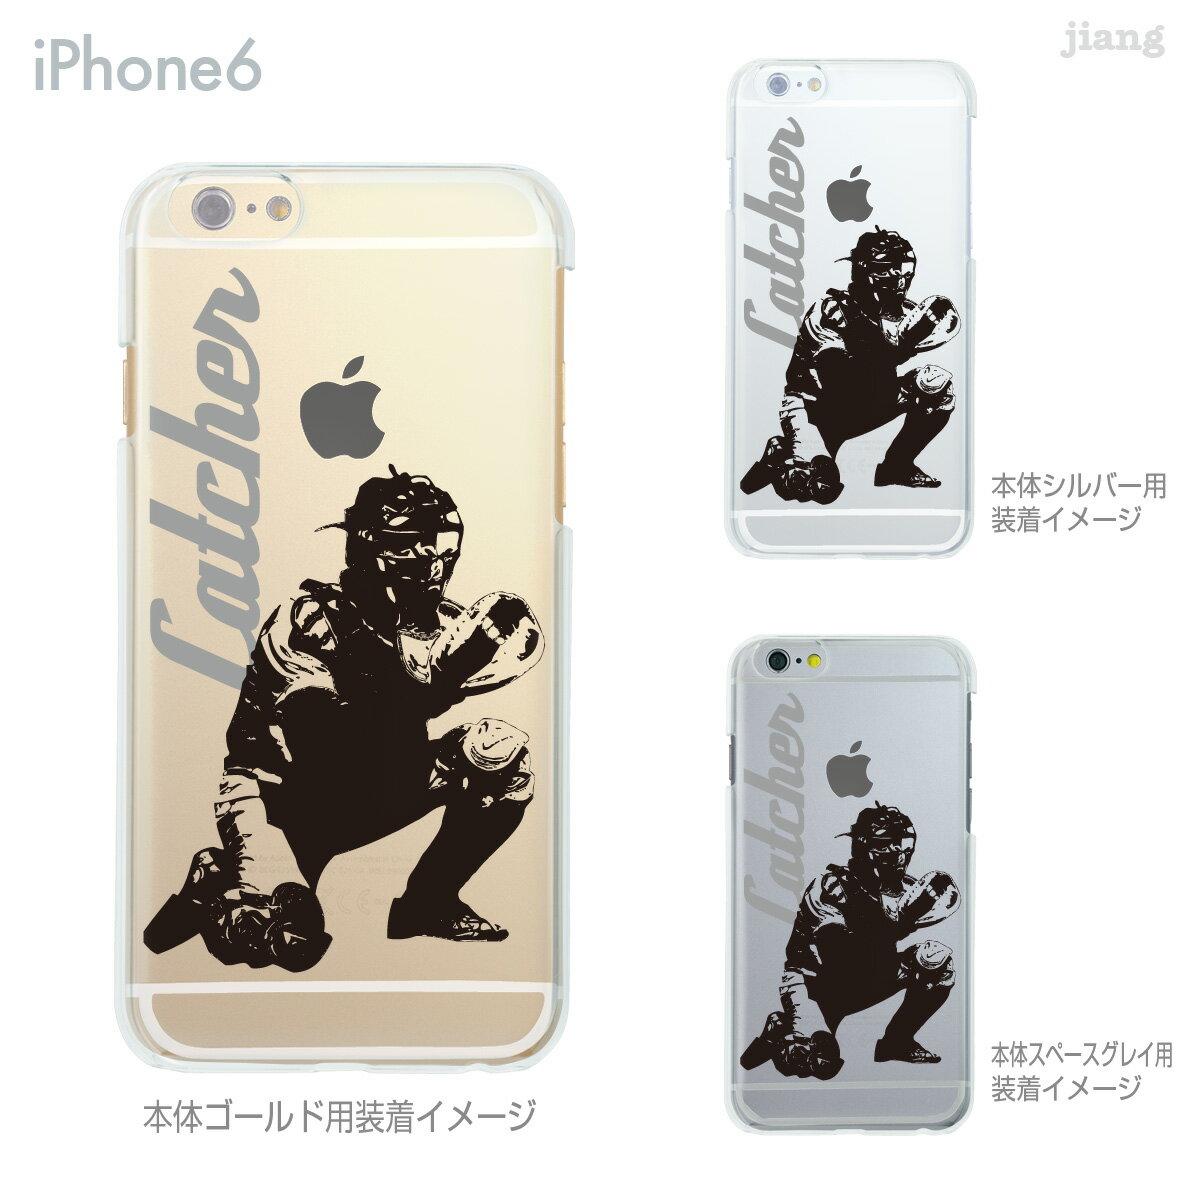 iPhoneX iPhone X ケース iPhone8 iPhone7ケース iPhone7 Plus iPhone6s iPhone6 Plus iphone ハードケース Clear Arts ケース カバー スマホケース クリアケース 野球 キャッチャー 06-ip6-ca0211-s